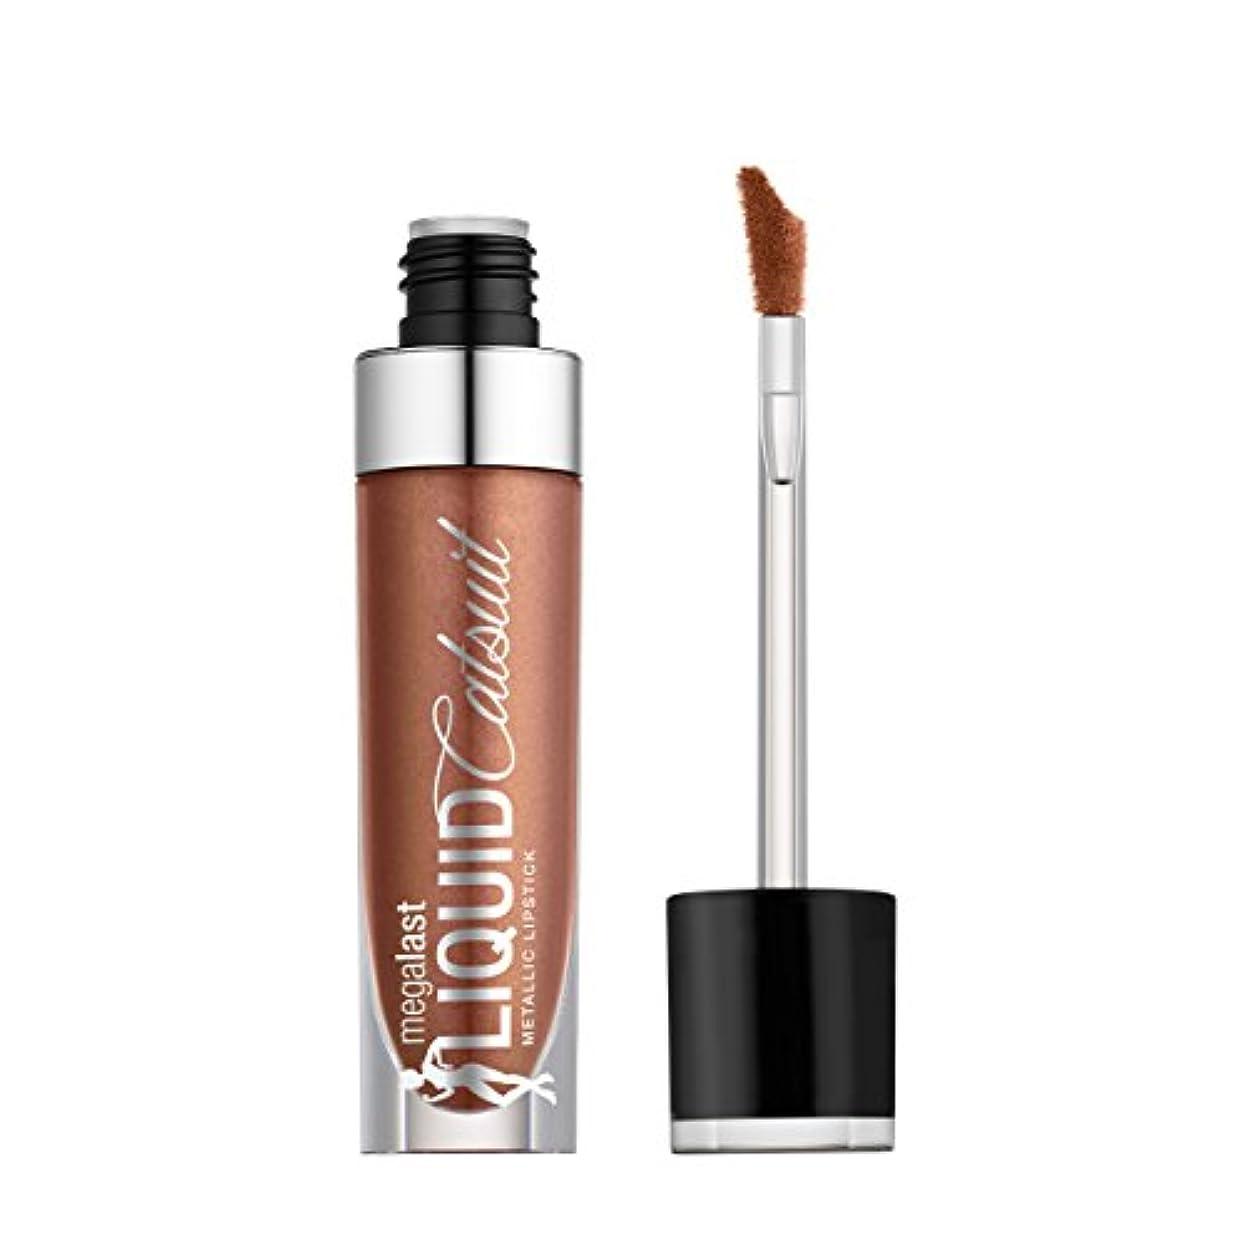 勃起聖人ずんぐりしたWET N WILD Megalast Liquid Catsuit Metallic Lipstick - Satin Sheets (並行輸入品)